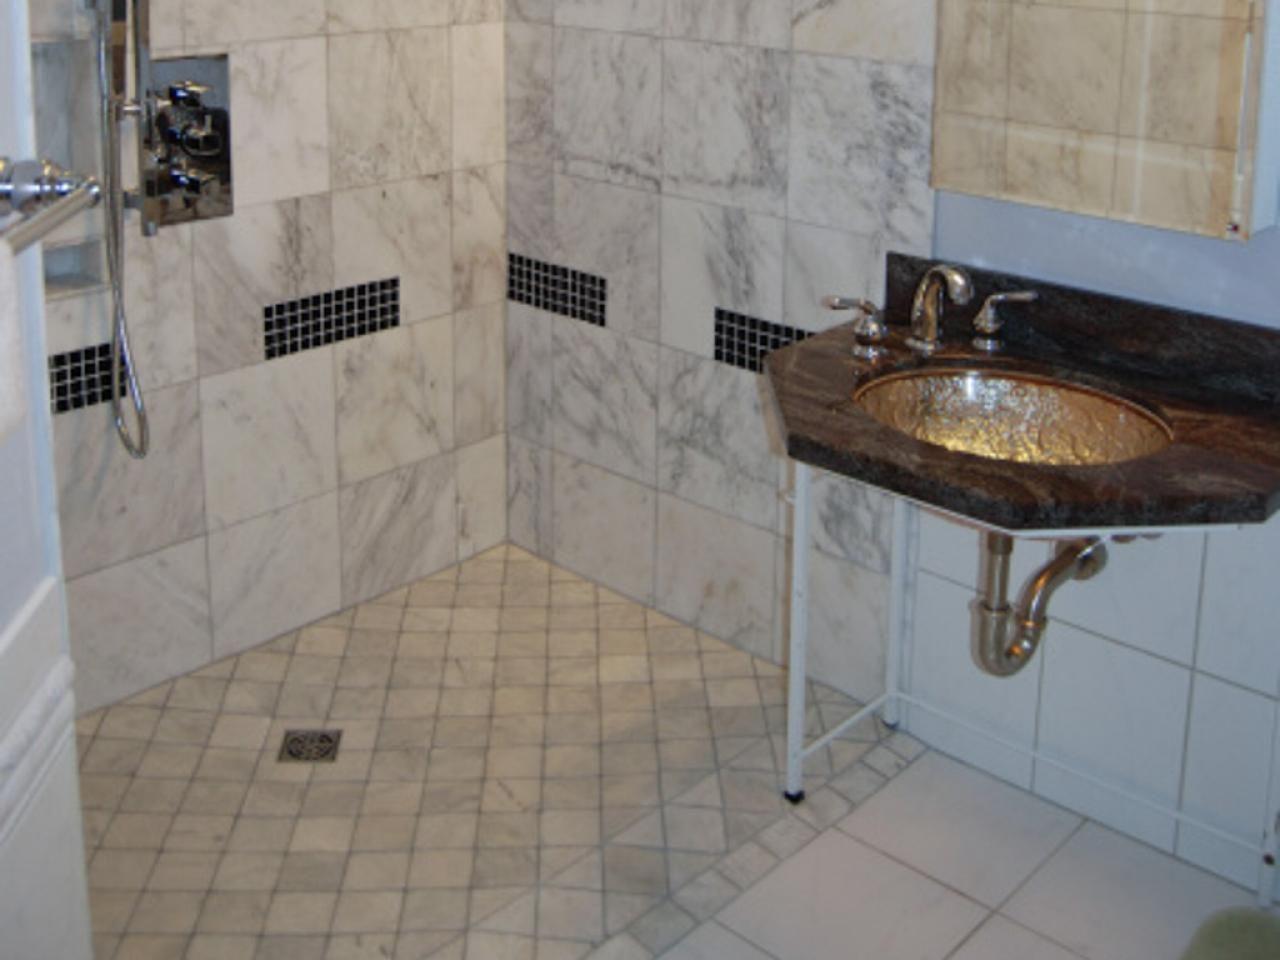 Die Anforderungen Der Ada Badezimmer Grundrisse Ada Badezimmer Grundrisse Wenn Sie Alter Universal Design Bathroom Bathroom Layout Handicap Bathroom Design